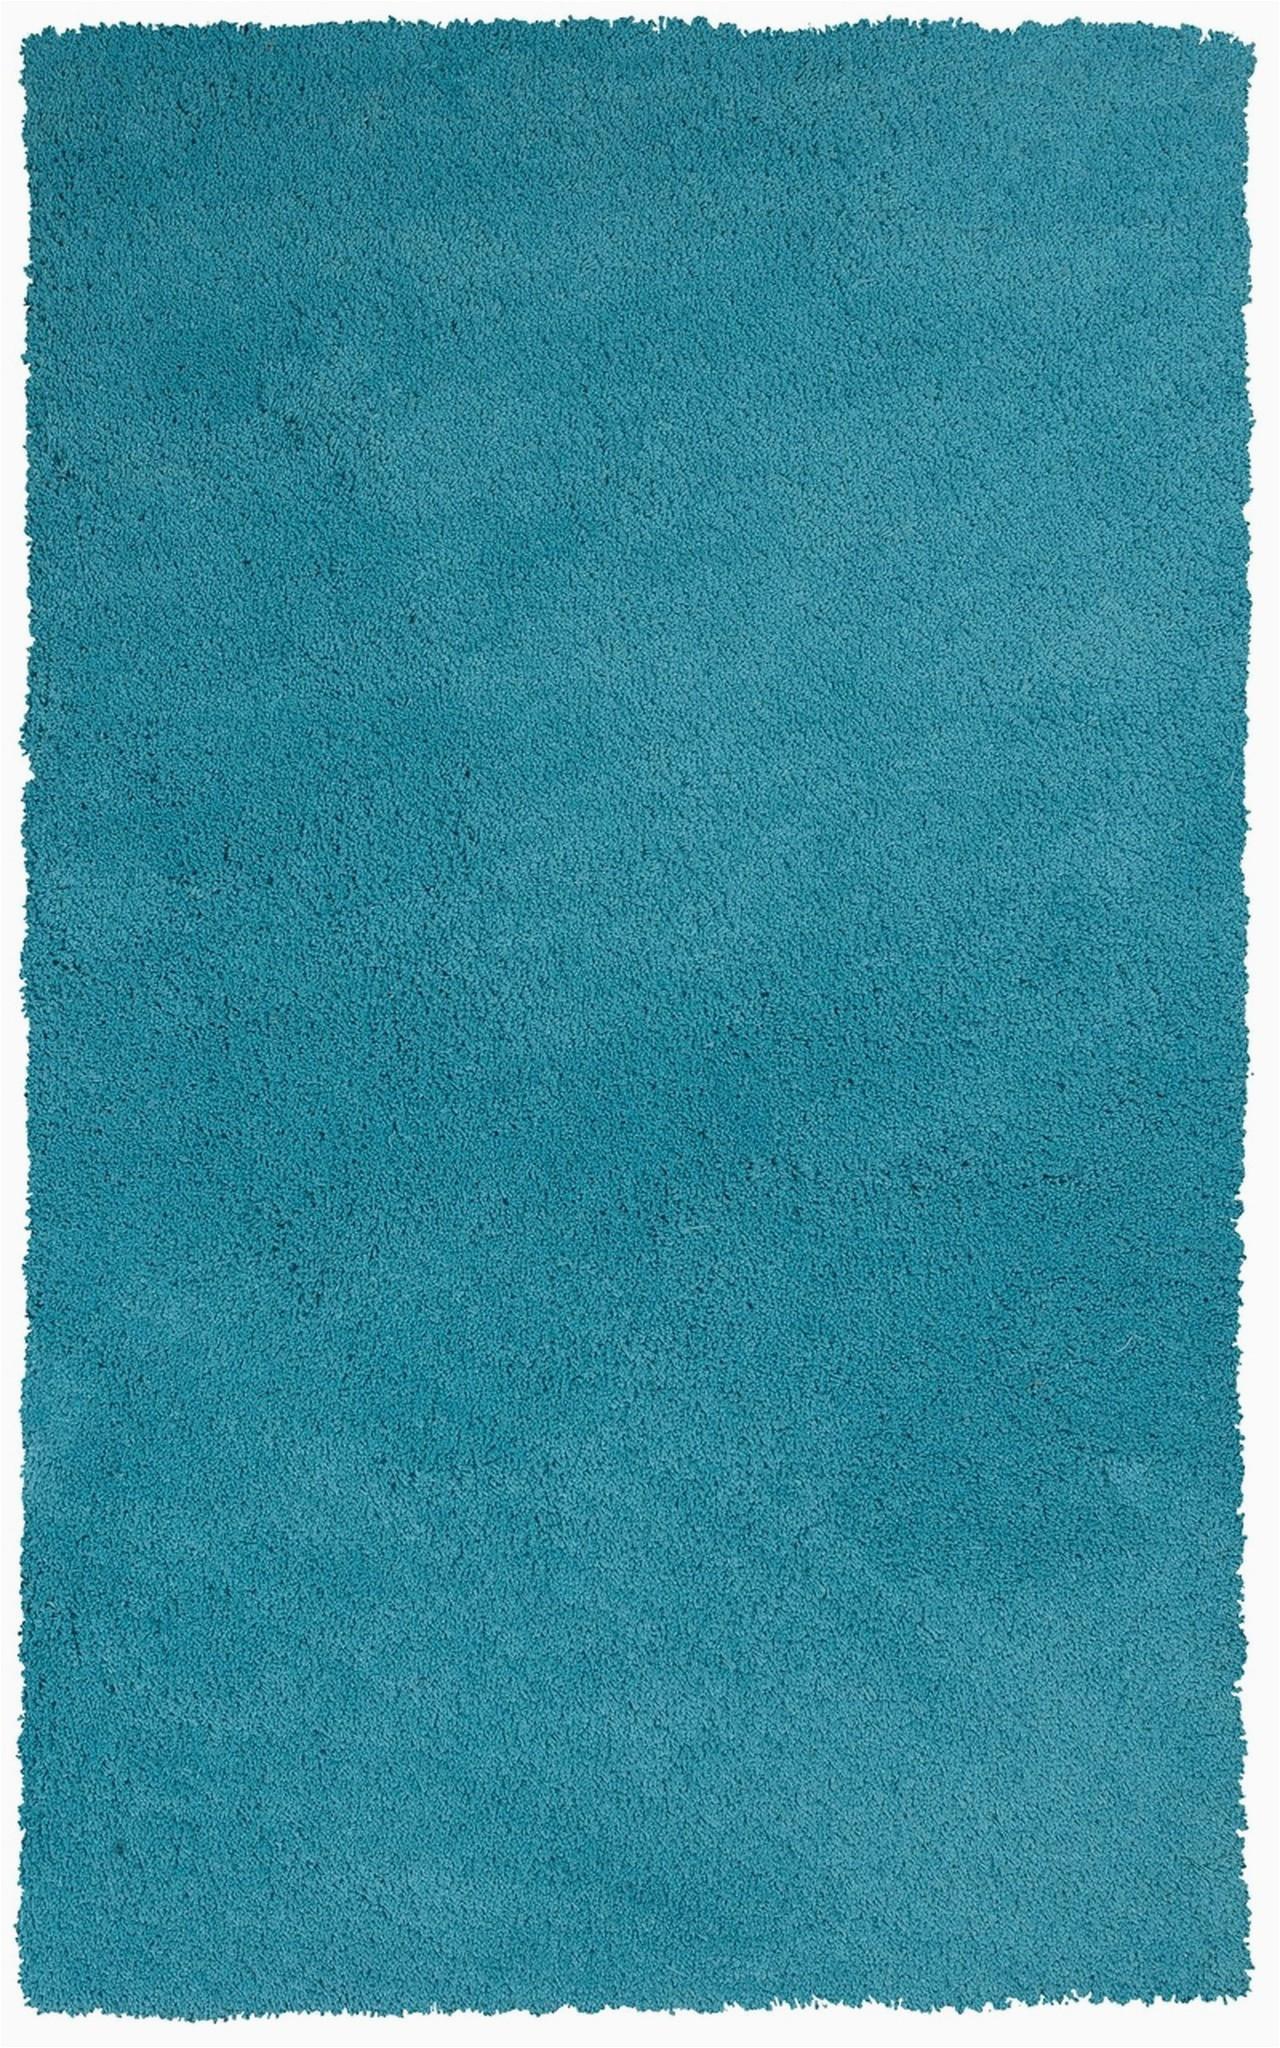 Bliss 1577 Highlighter Blue